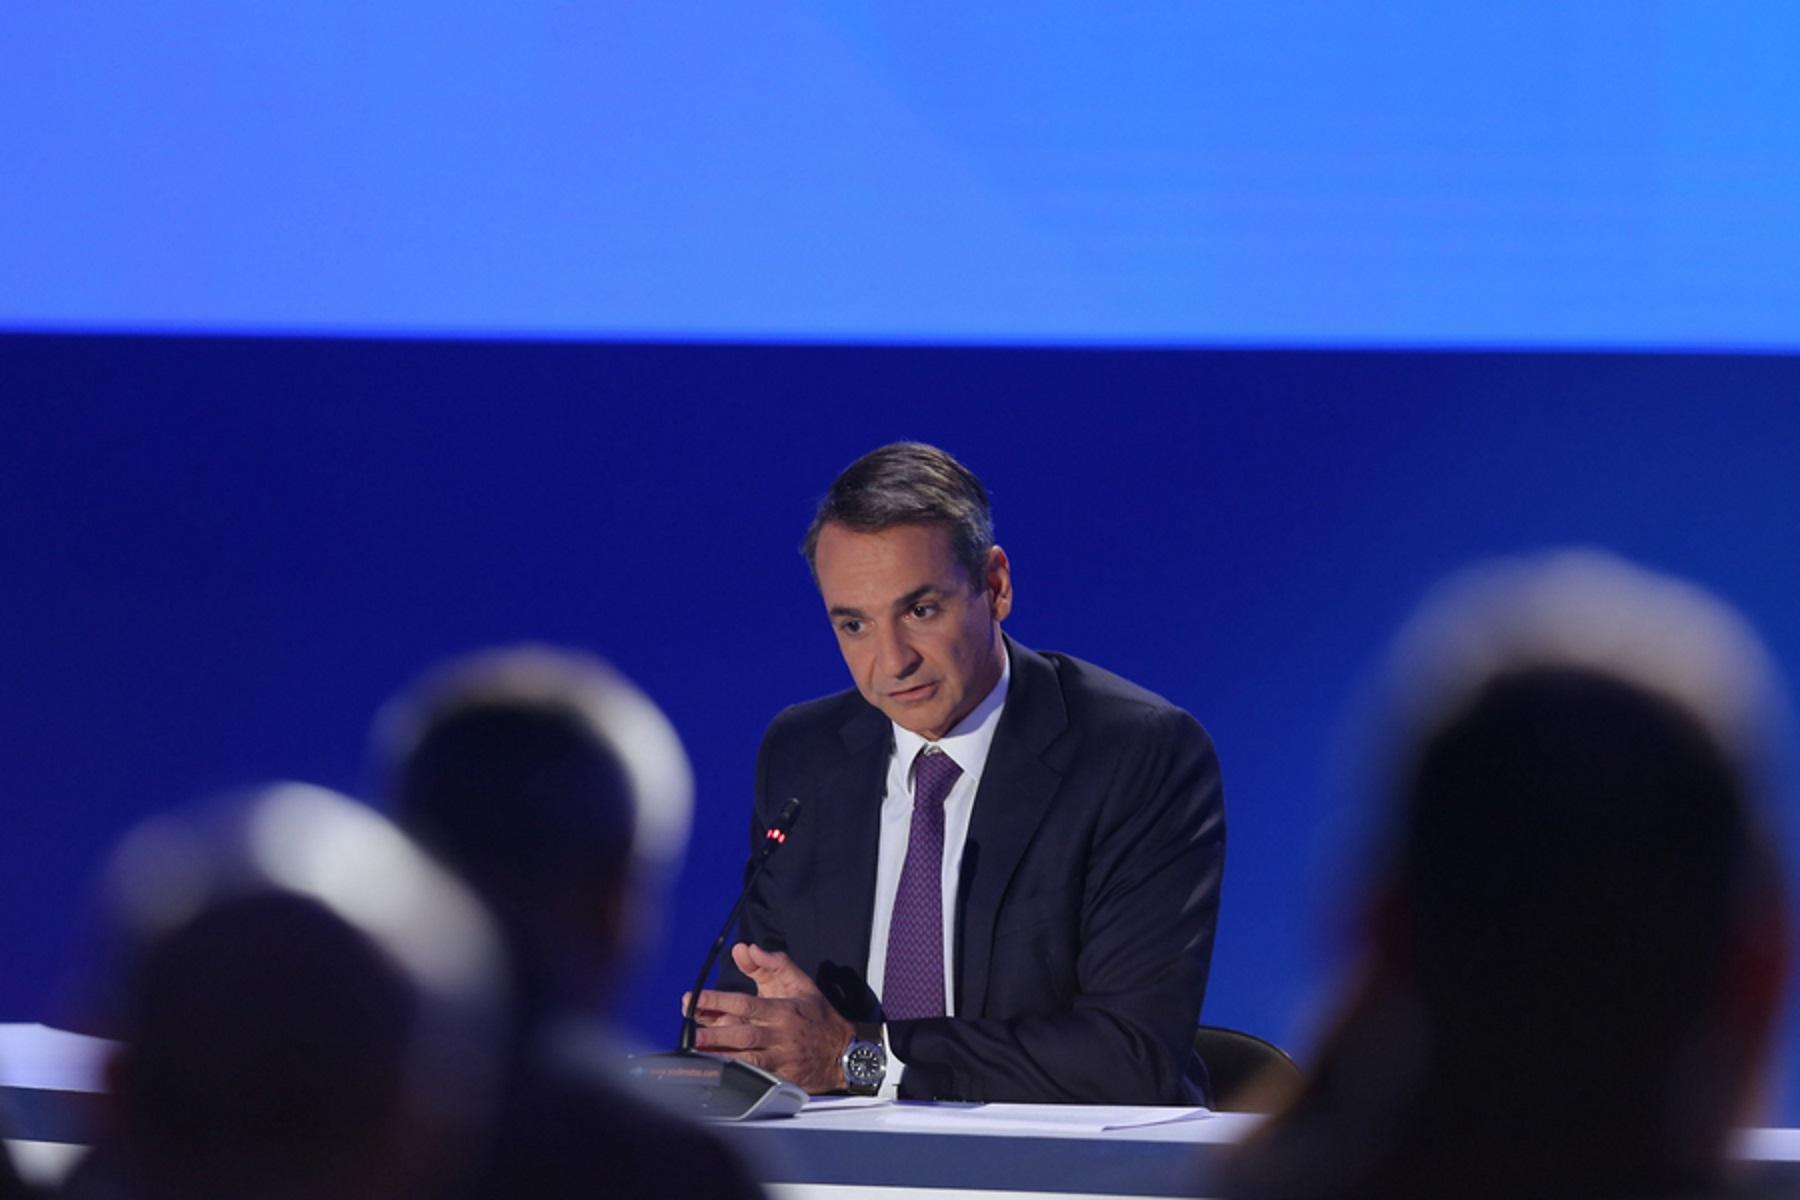 ΔΕΘ 2019 – Μητσοτάκης: Τι θα ισχύσει για αναδρομικά συνταξιούχων και μειώσεις φόρων